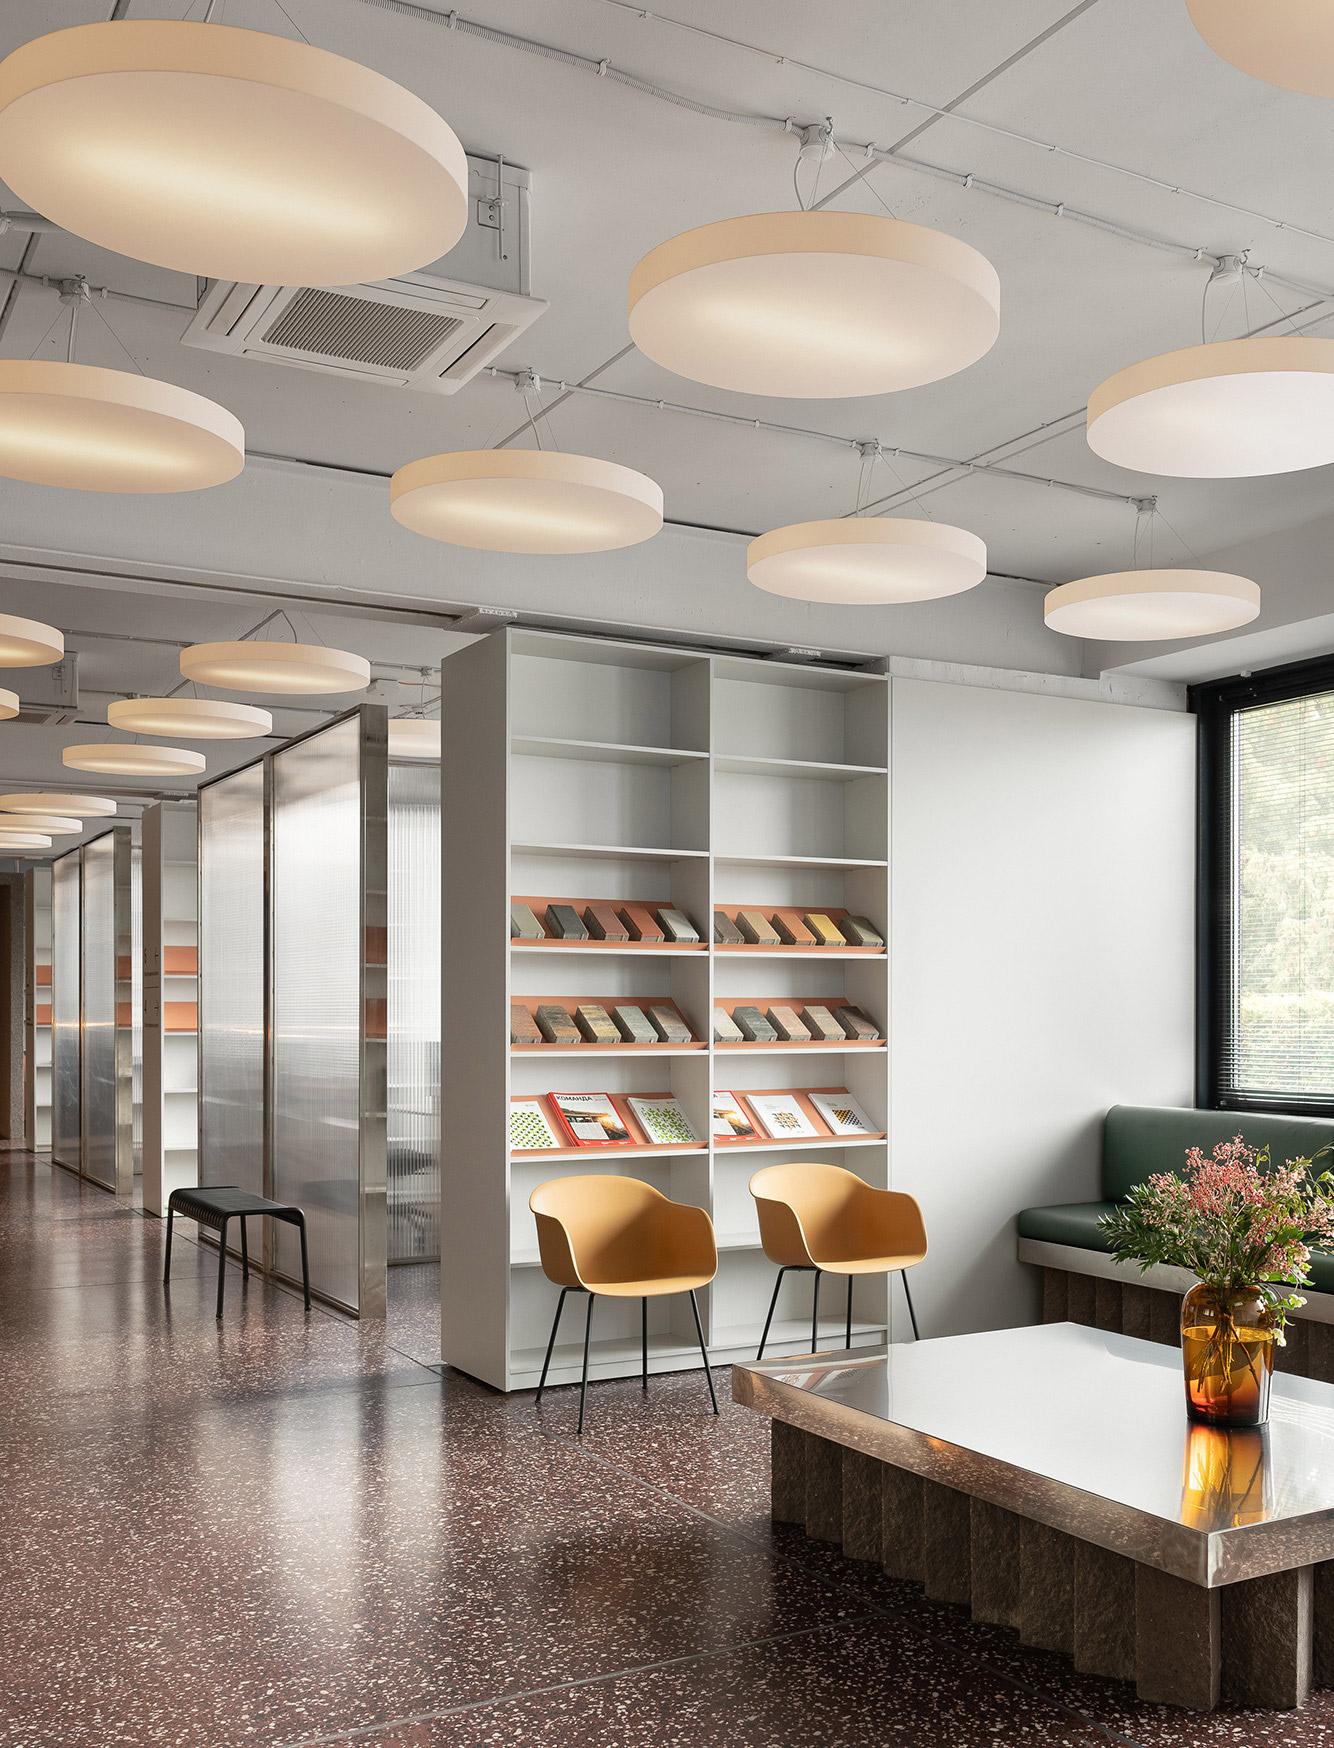 Büroausbau von Artem Trigubchak und Lera Brumina